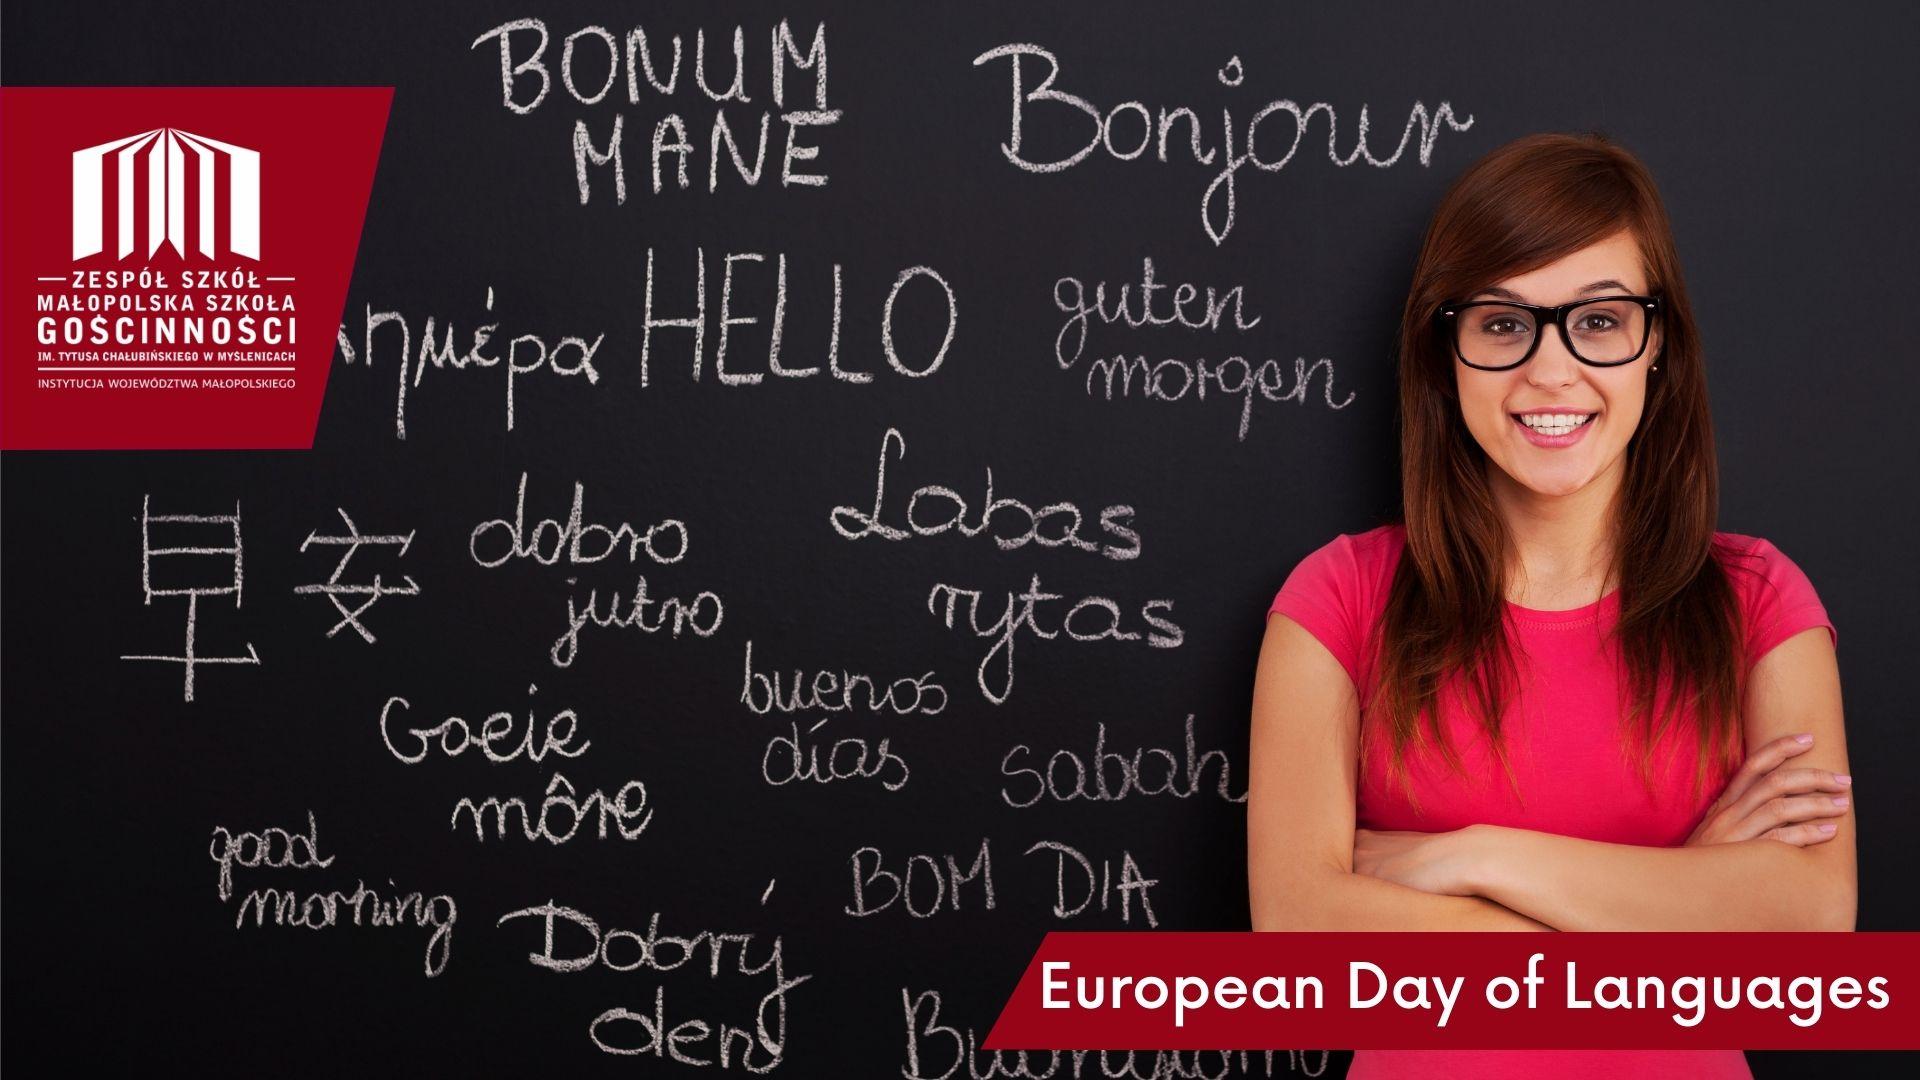 Kobieta z długimi ciemnymi włosami, w okularach i różowej koszulce, stoi z założonymi rękami. W tle czarna tablica z białymi napisami w różnych językach.